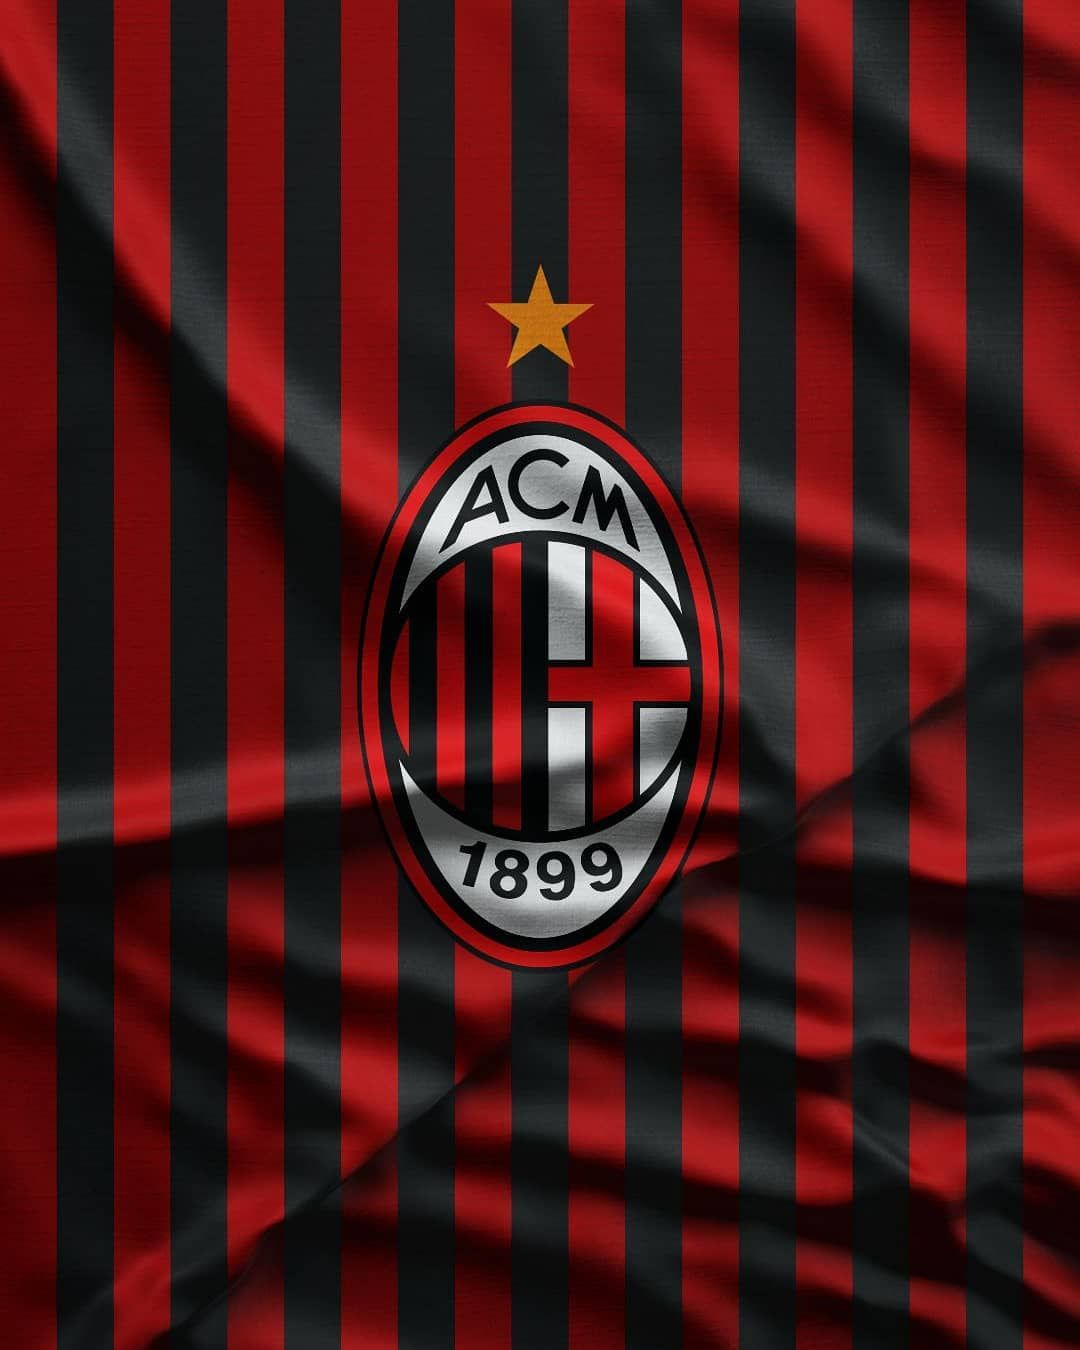 Forza Milan Foto Di Calcio Squadra Di Calcio Calcio